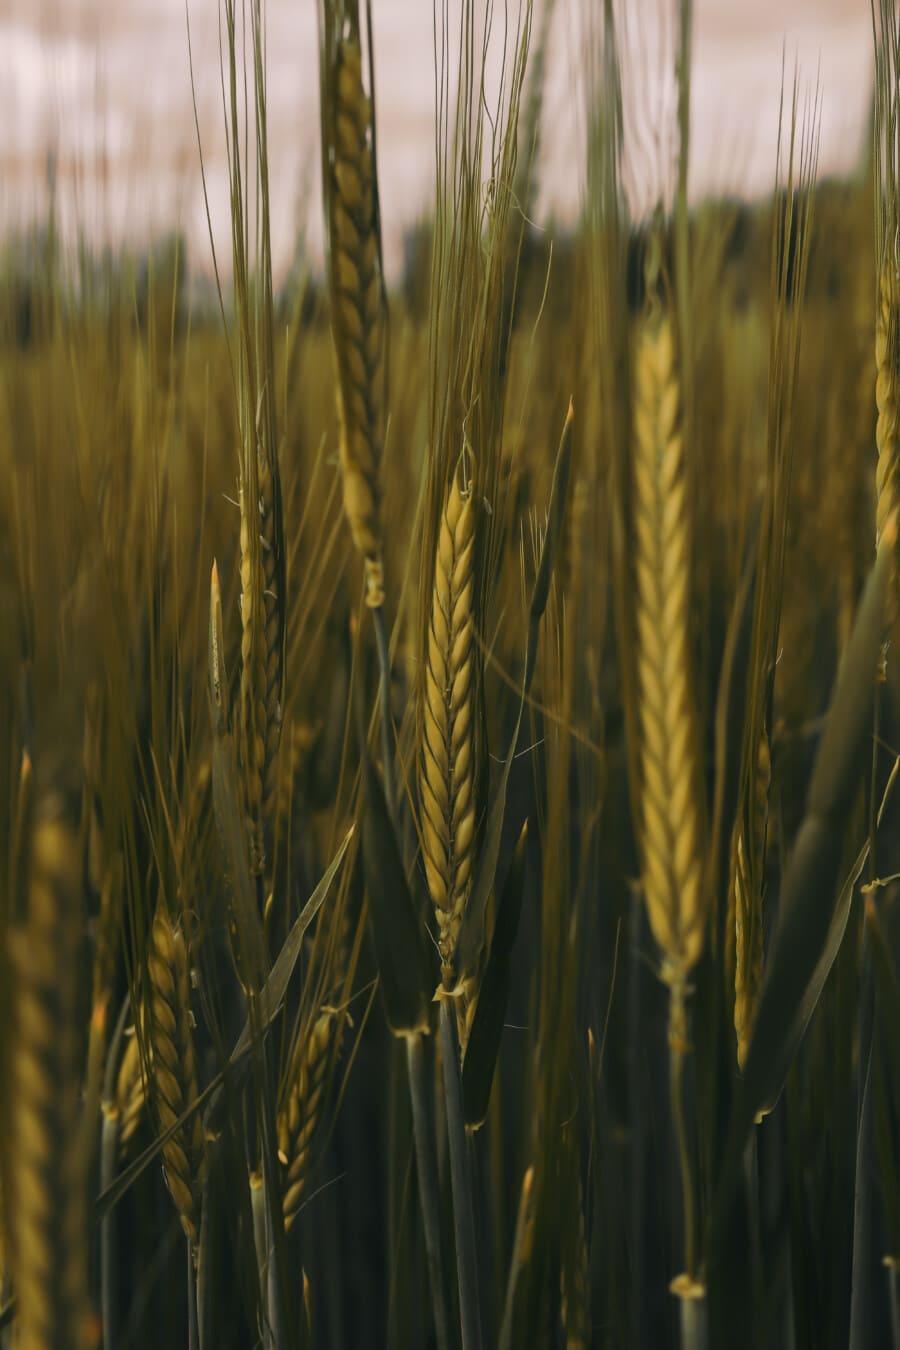 campo de trigo, trigo, centeio, perto, folhas verdes, agricultura, cevada, verão, grão, rural